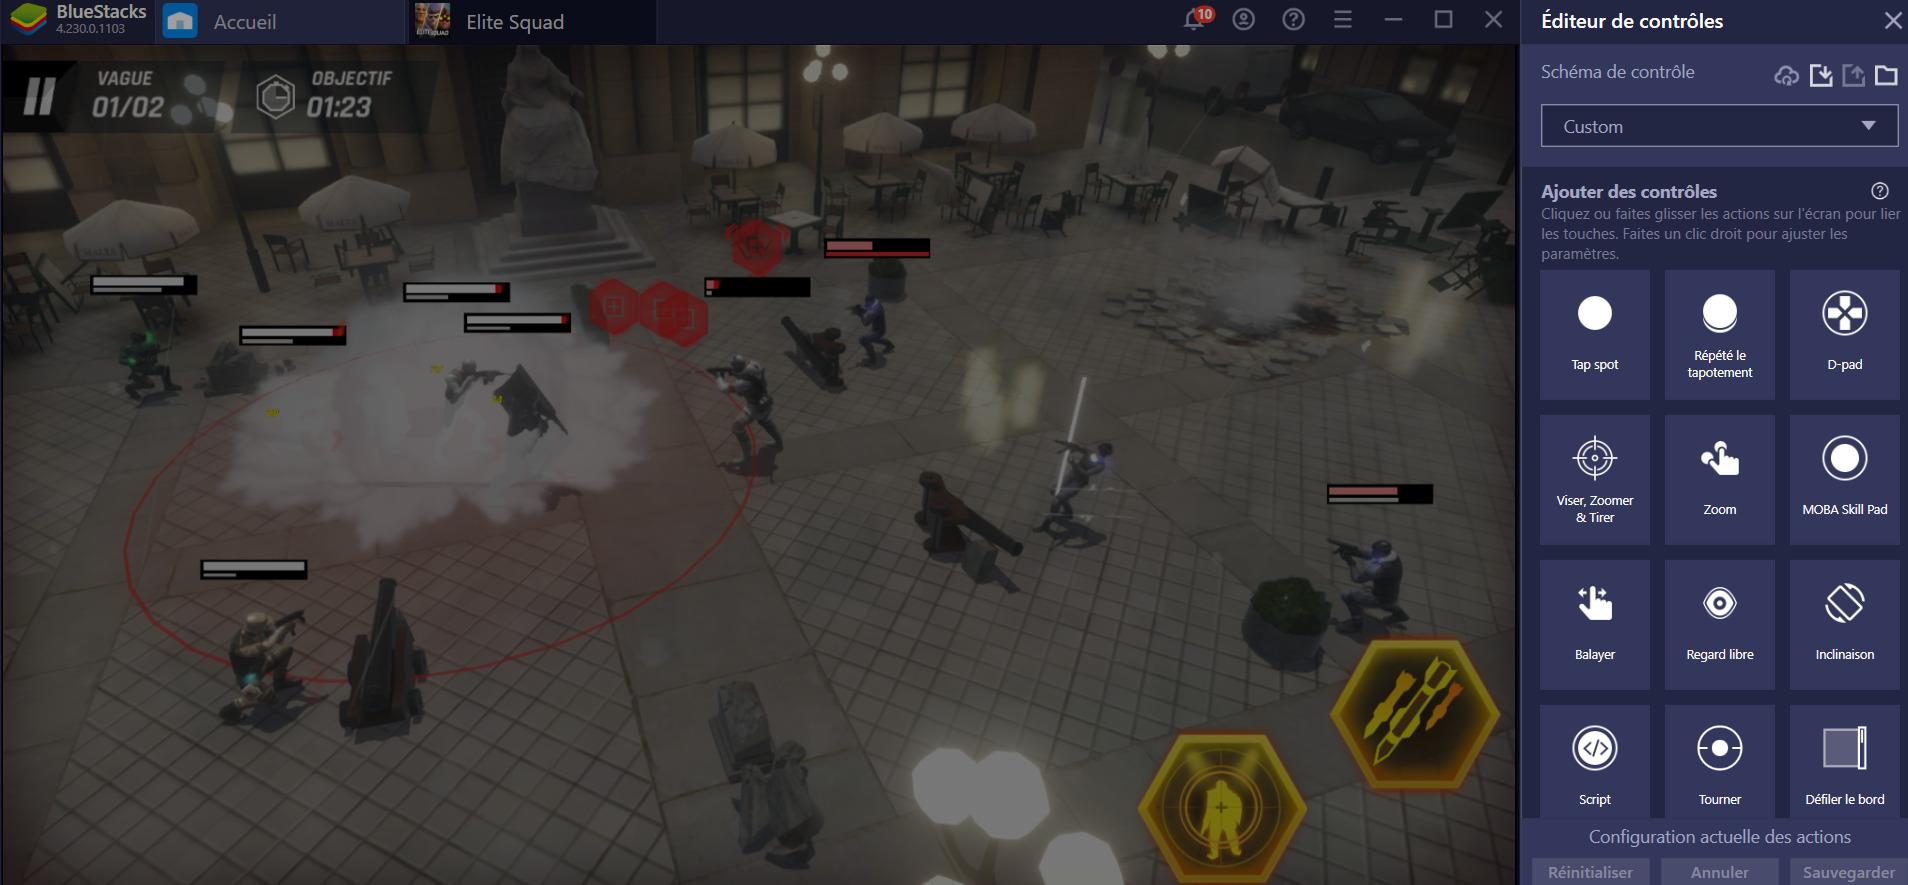 Tom Clancy's Elite Squad sur PC – Comment installer et jouer au tout dernier shooter stratégique sorti de Ubi Soft sur PC